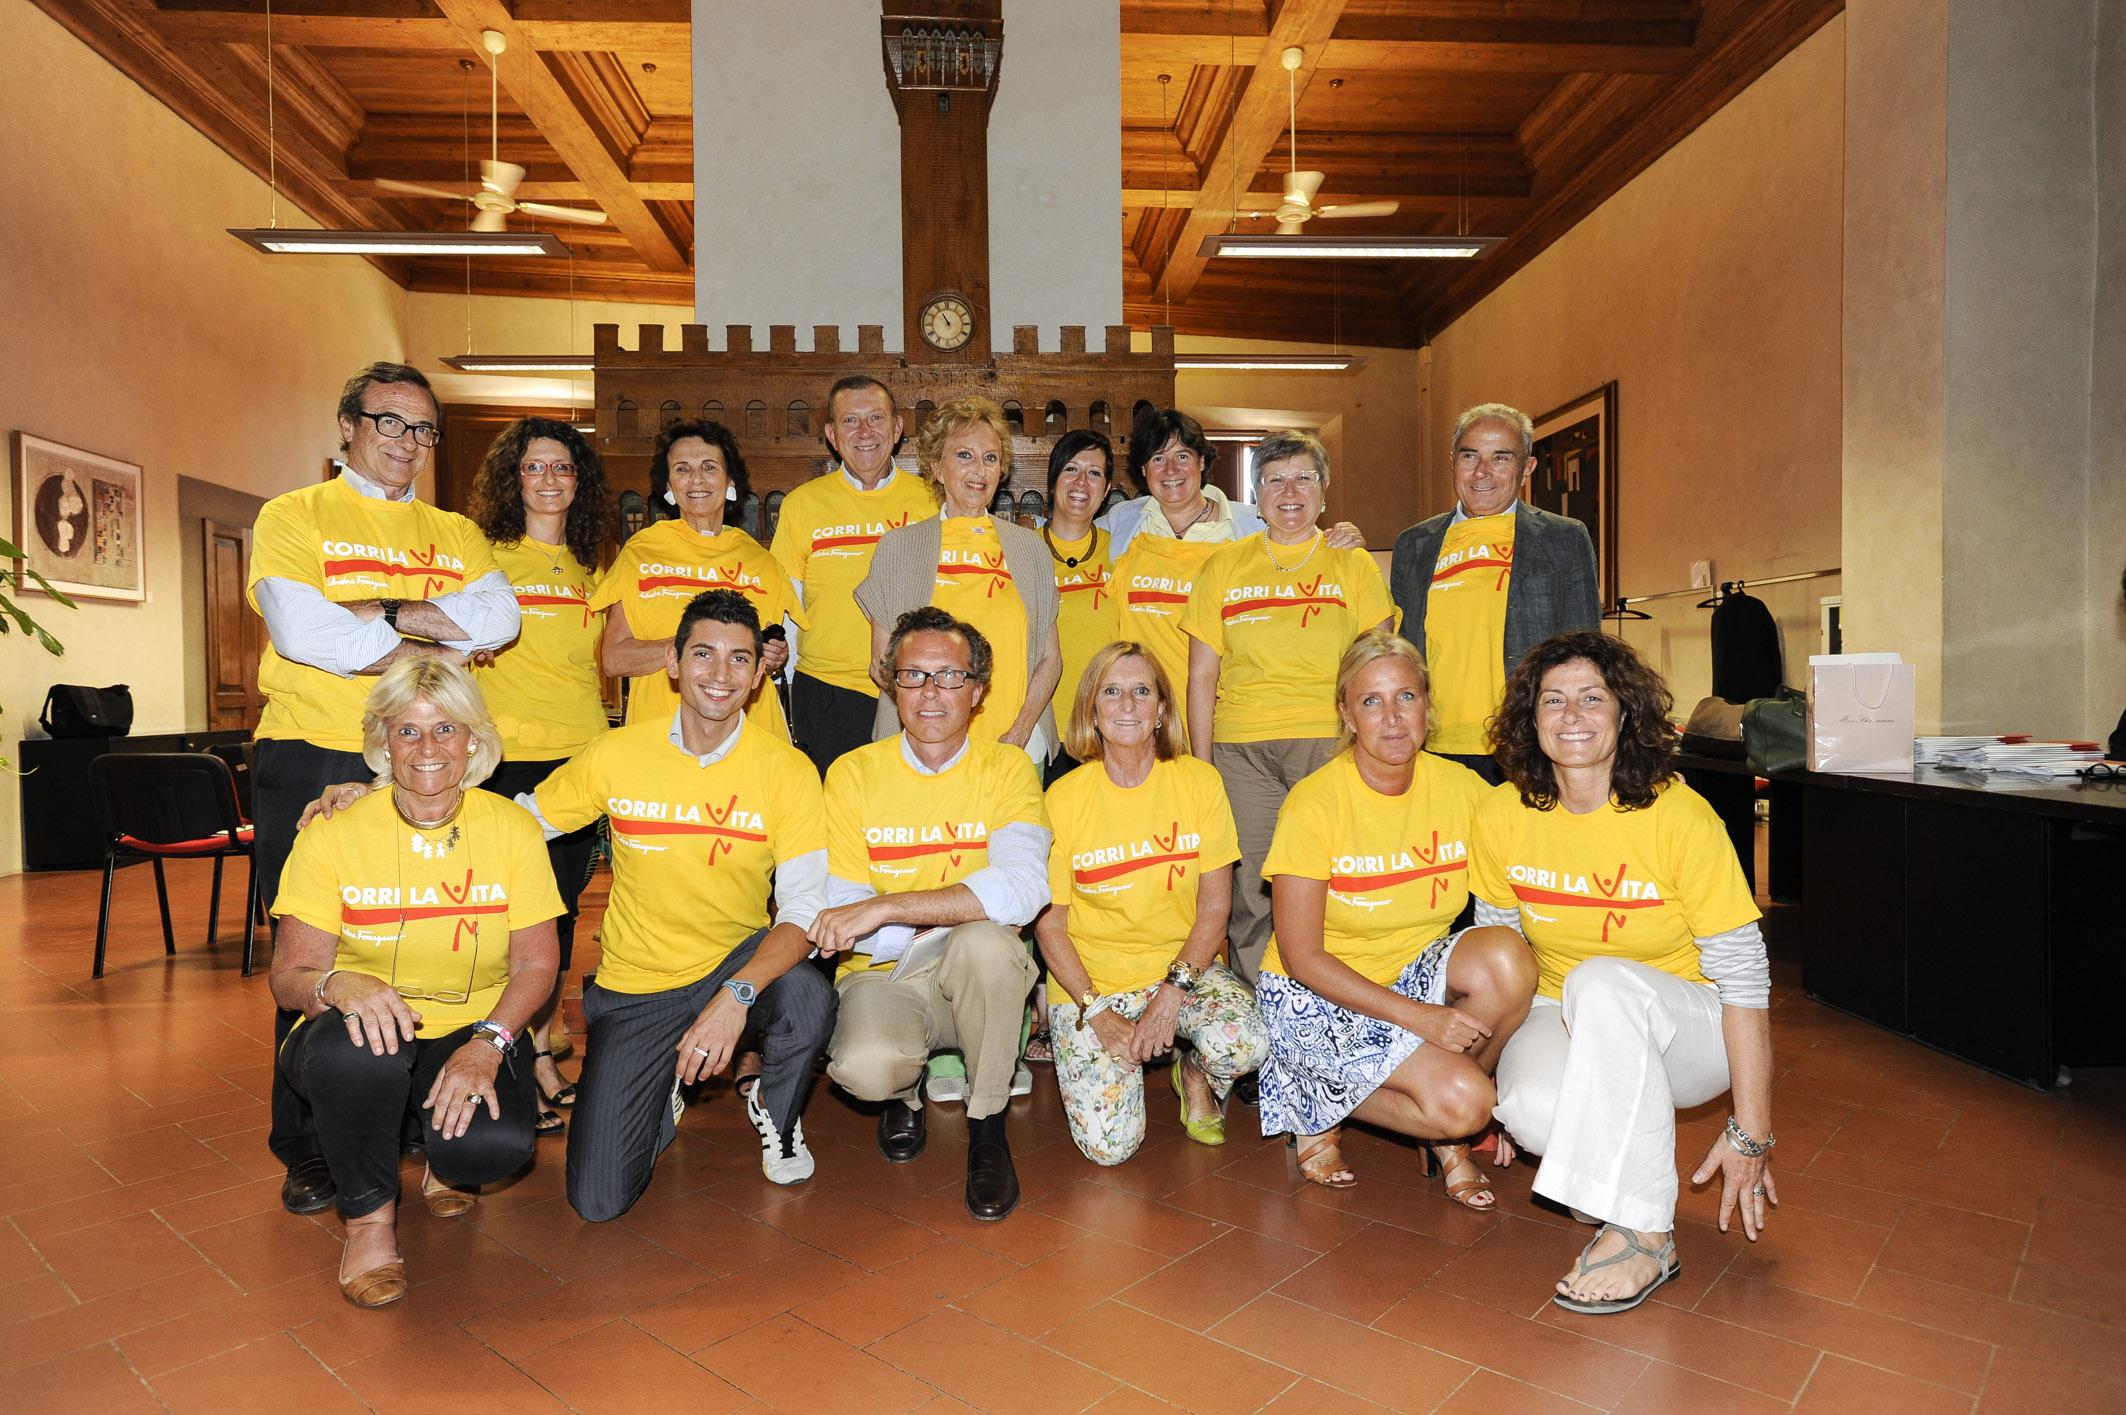 Comitato Organizzatore Corri la vita 2013